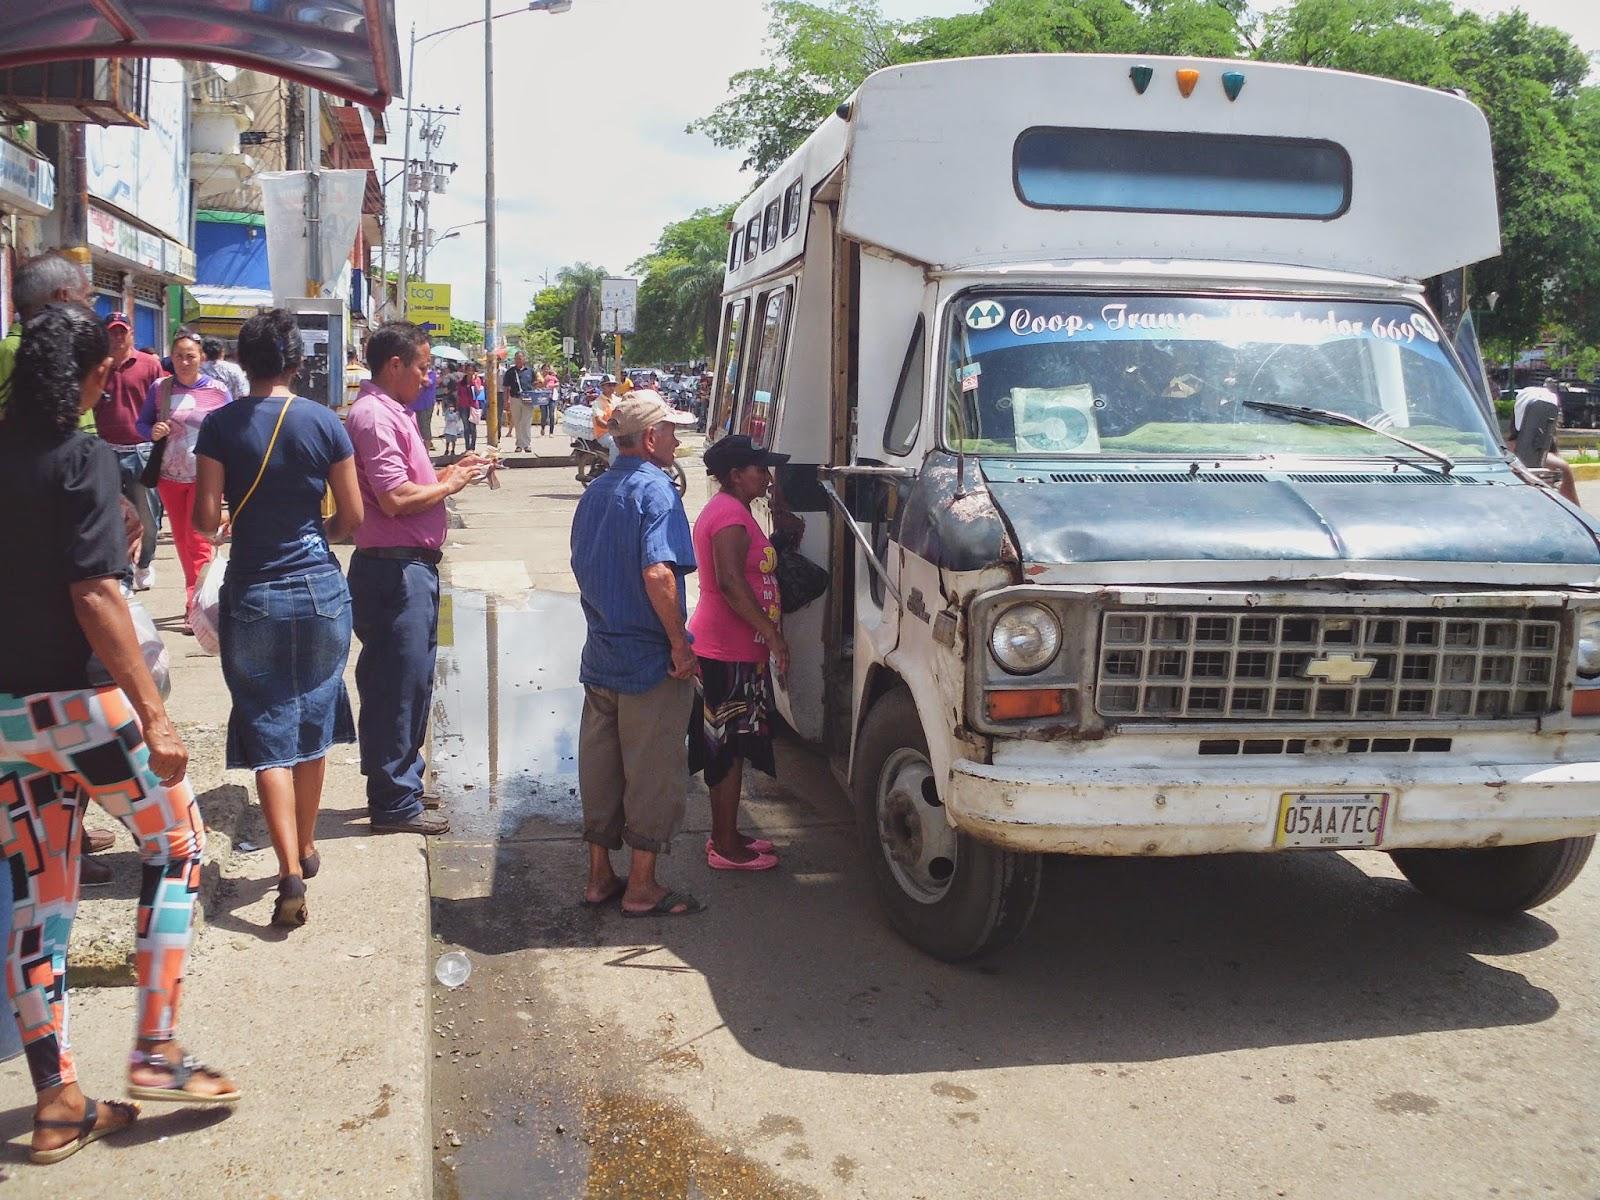 Transporte de rutas urbanas e inter-urbanas aumentarán 15% a partir del 15 de agosto y su servicio es pésimo en San Fernando.